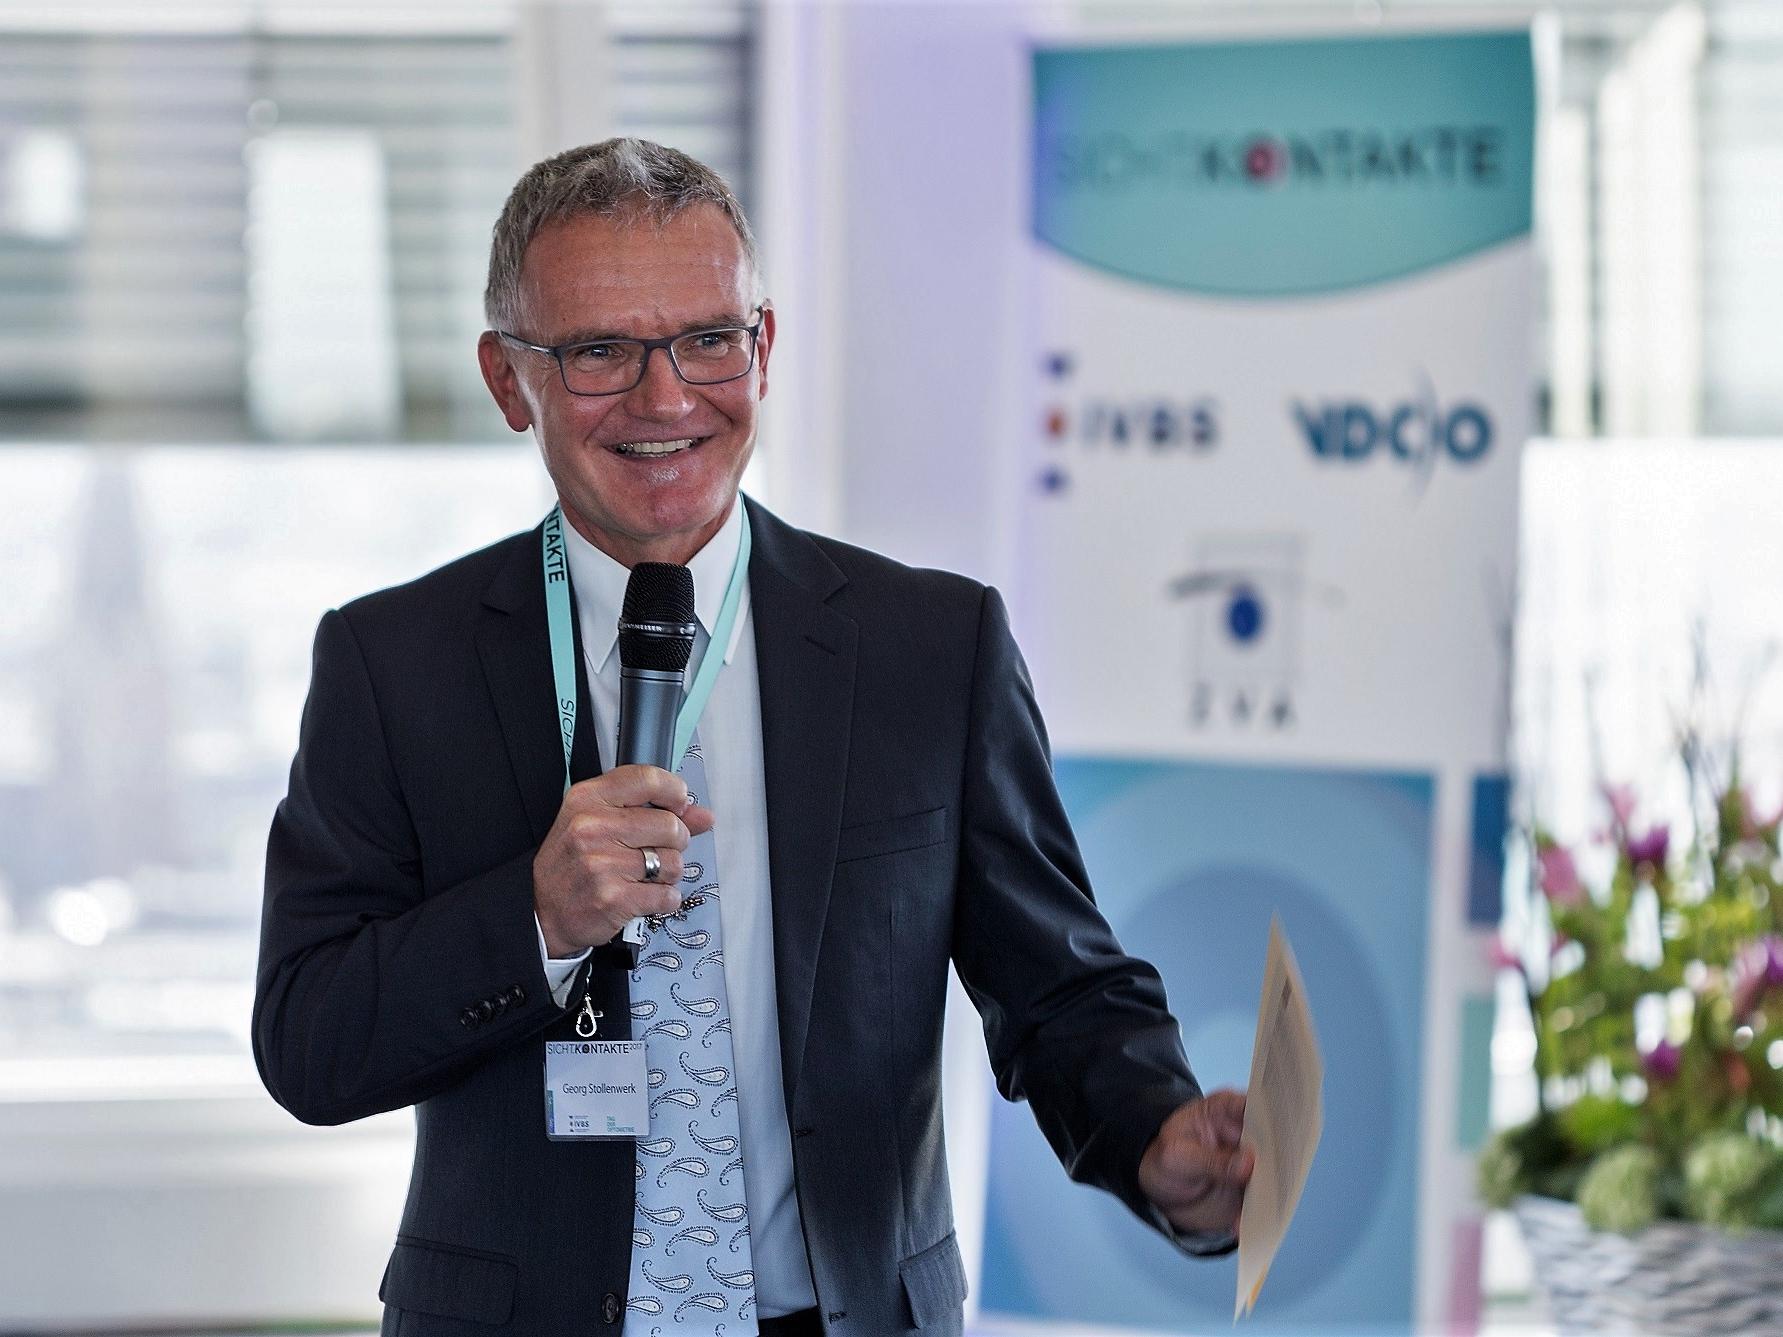 Öffentliche Veranstaltungen - mit Georg Stollenwerk